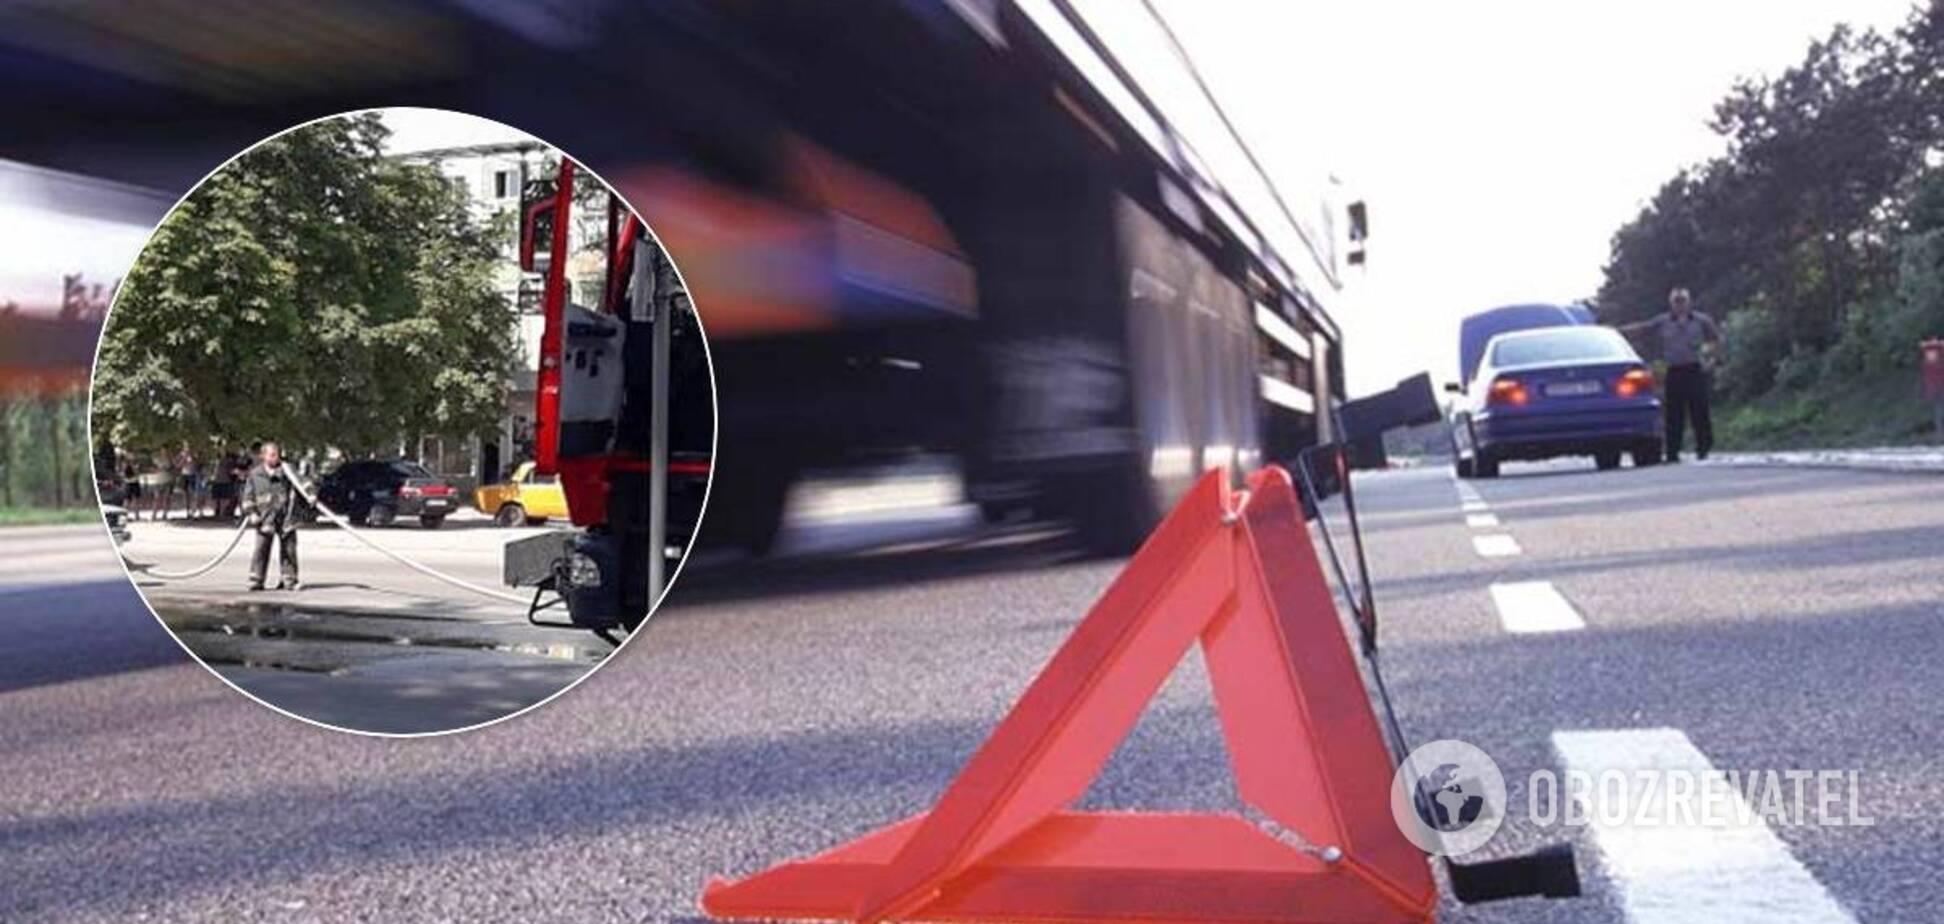 На Дніпропетровщині пішохід загинув під колесами вантажівки. Фото і відео 18+